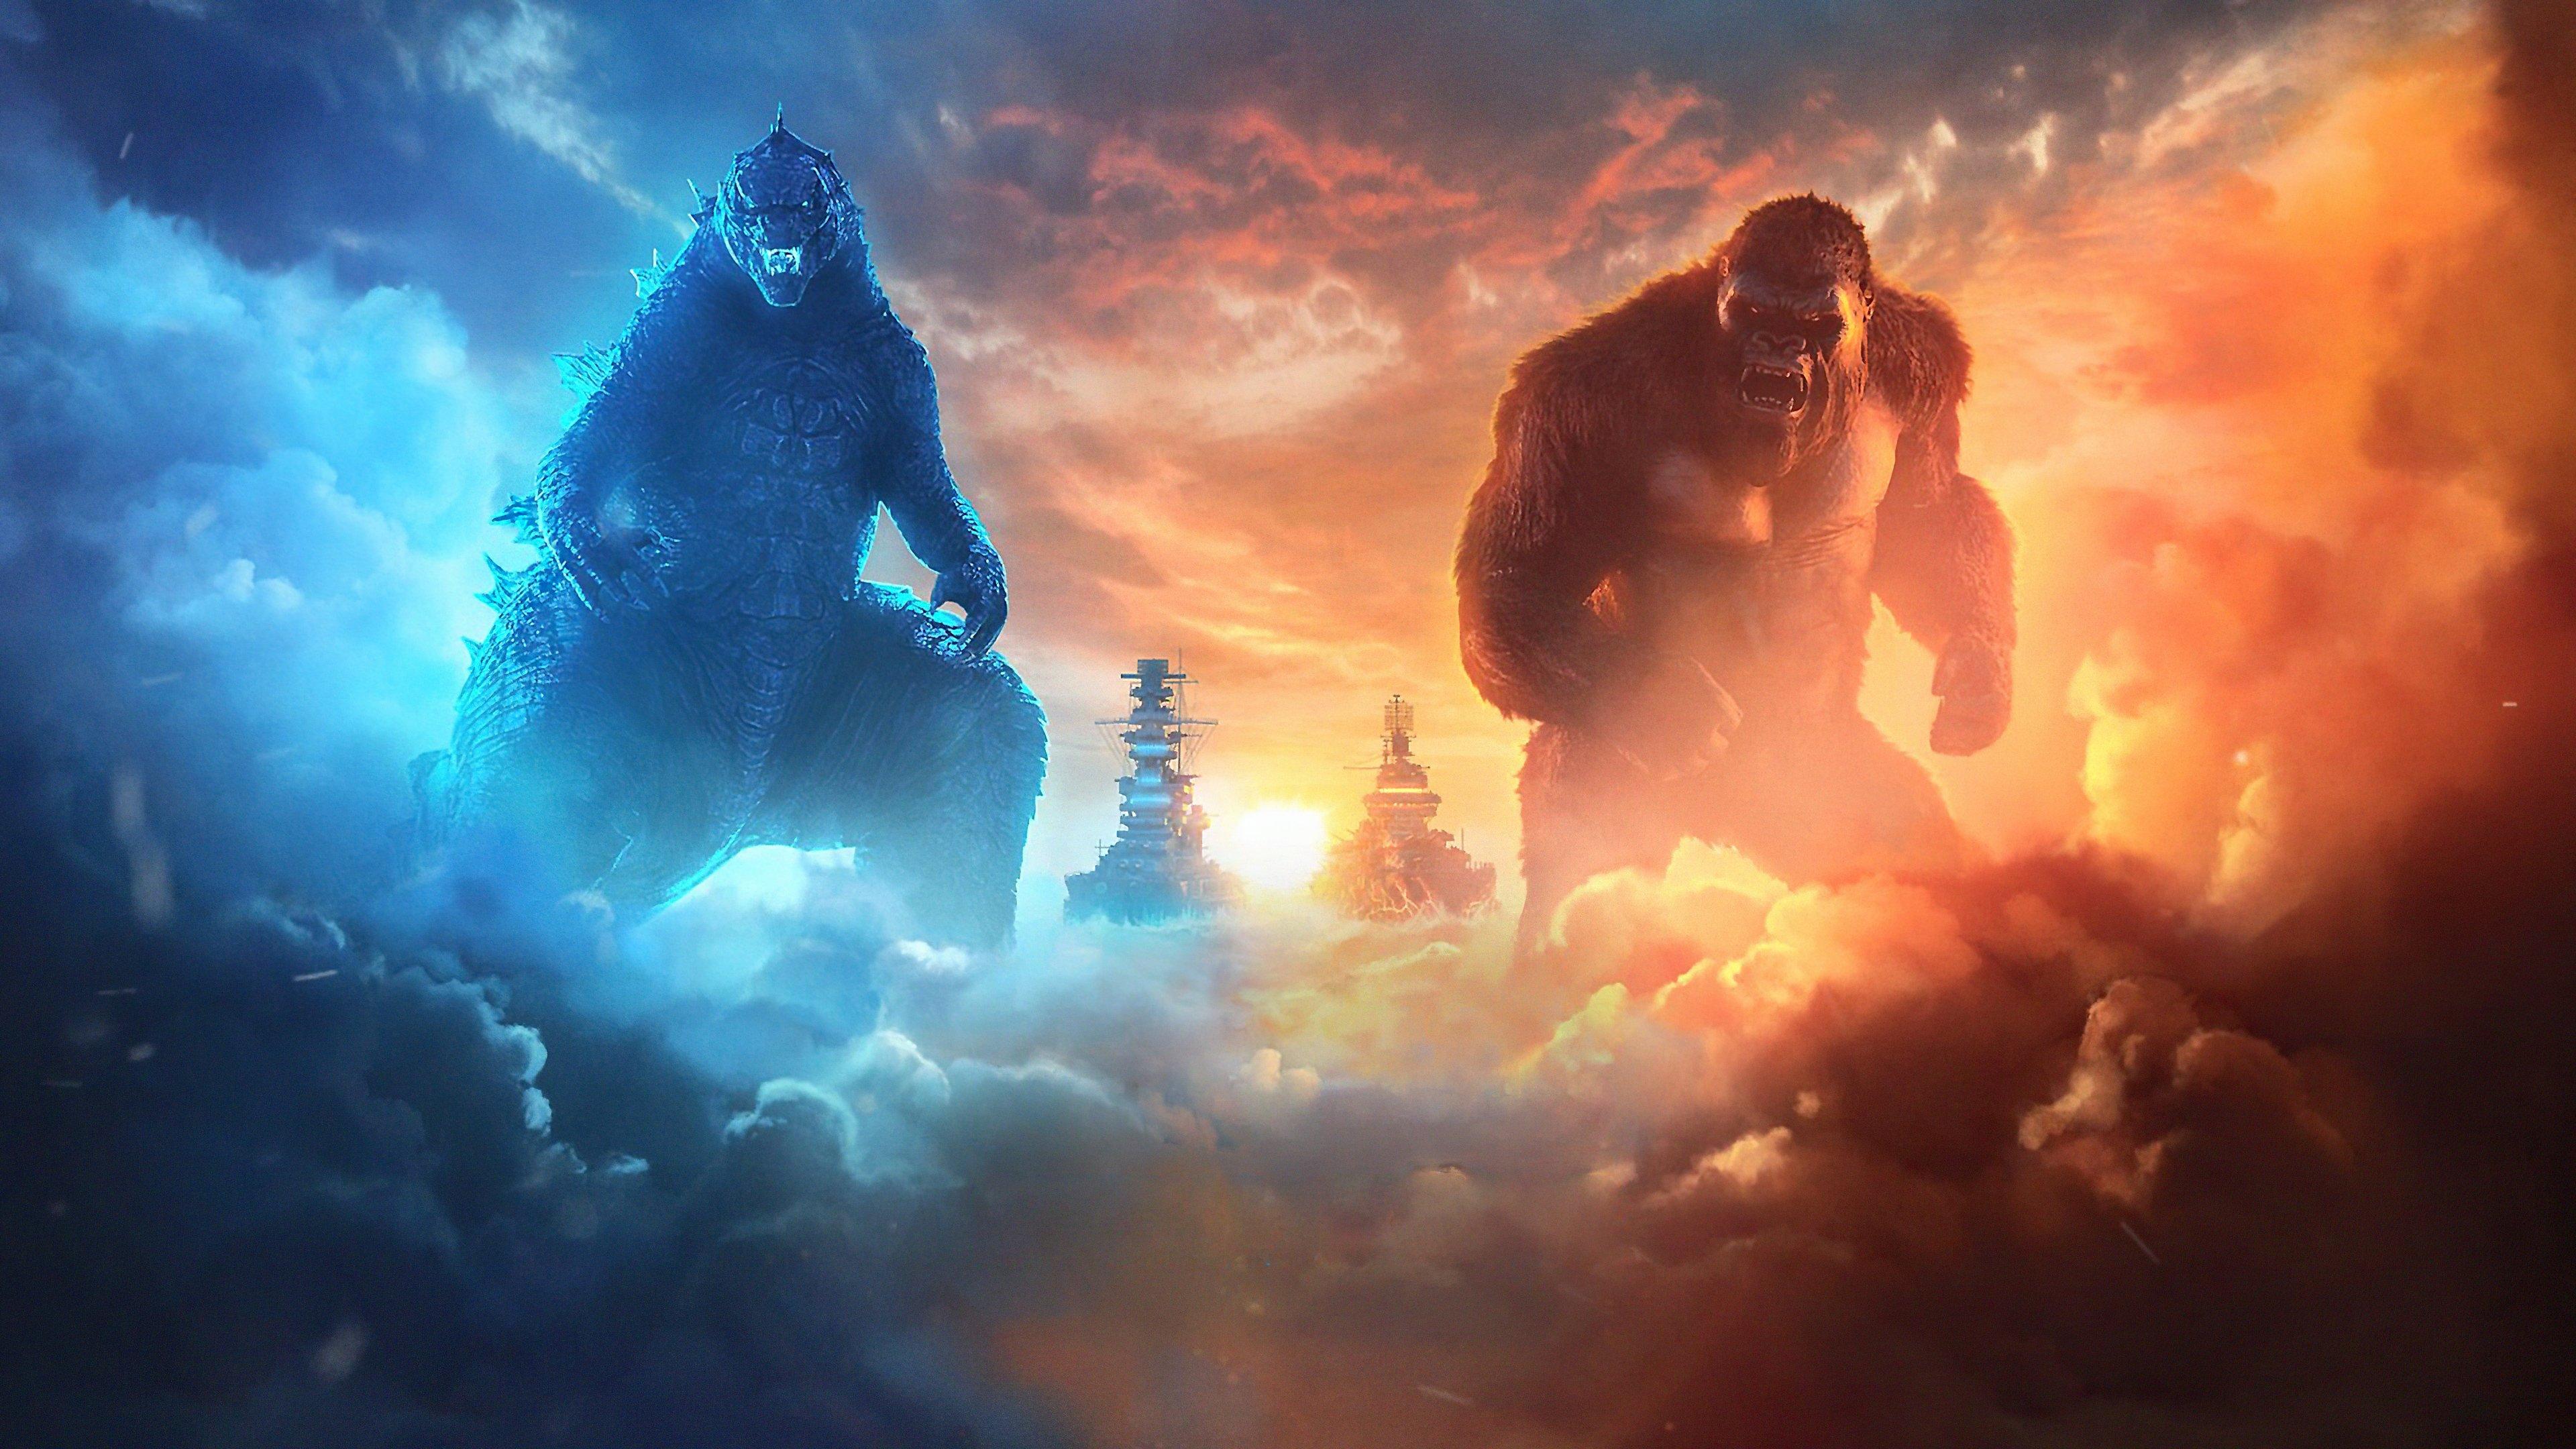 Wallpaper Gonzilla vs Kong